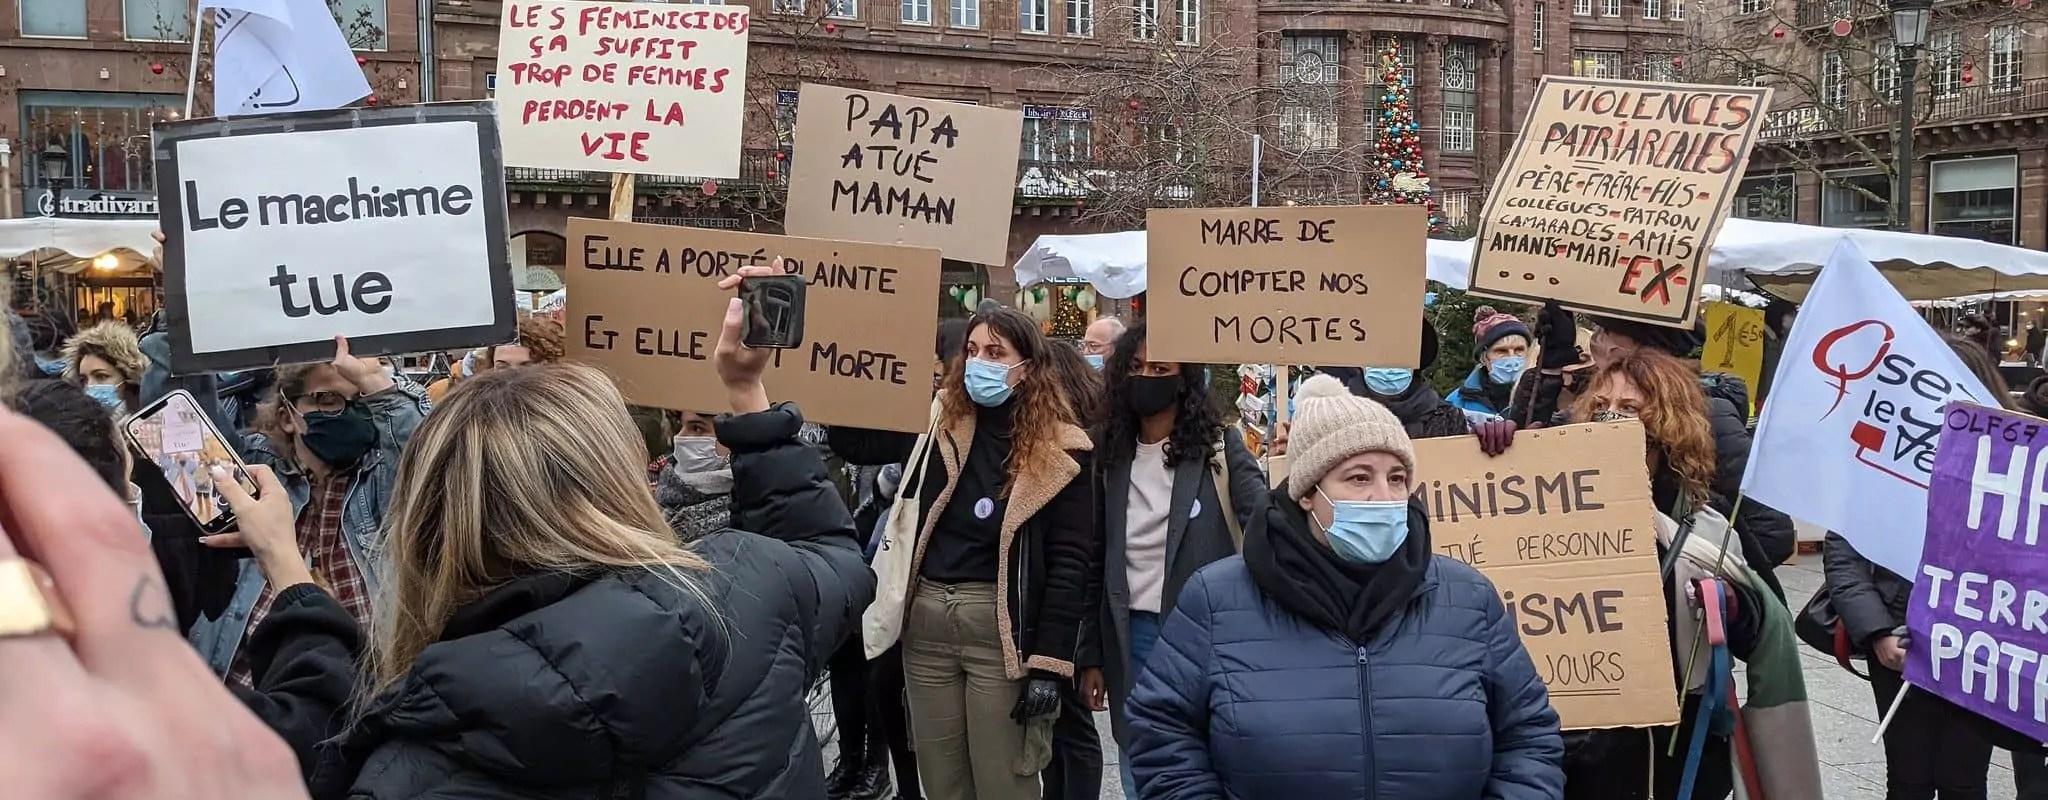 À Strasbourg, un nouveau féminicide relance la question de l'inaction face aux alertes